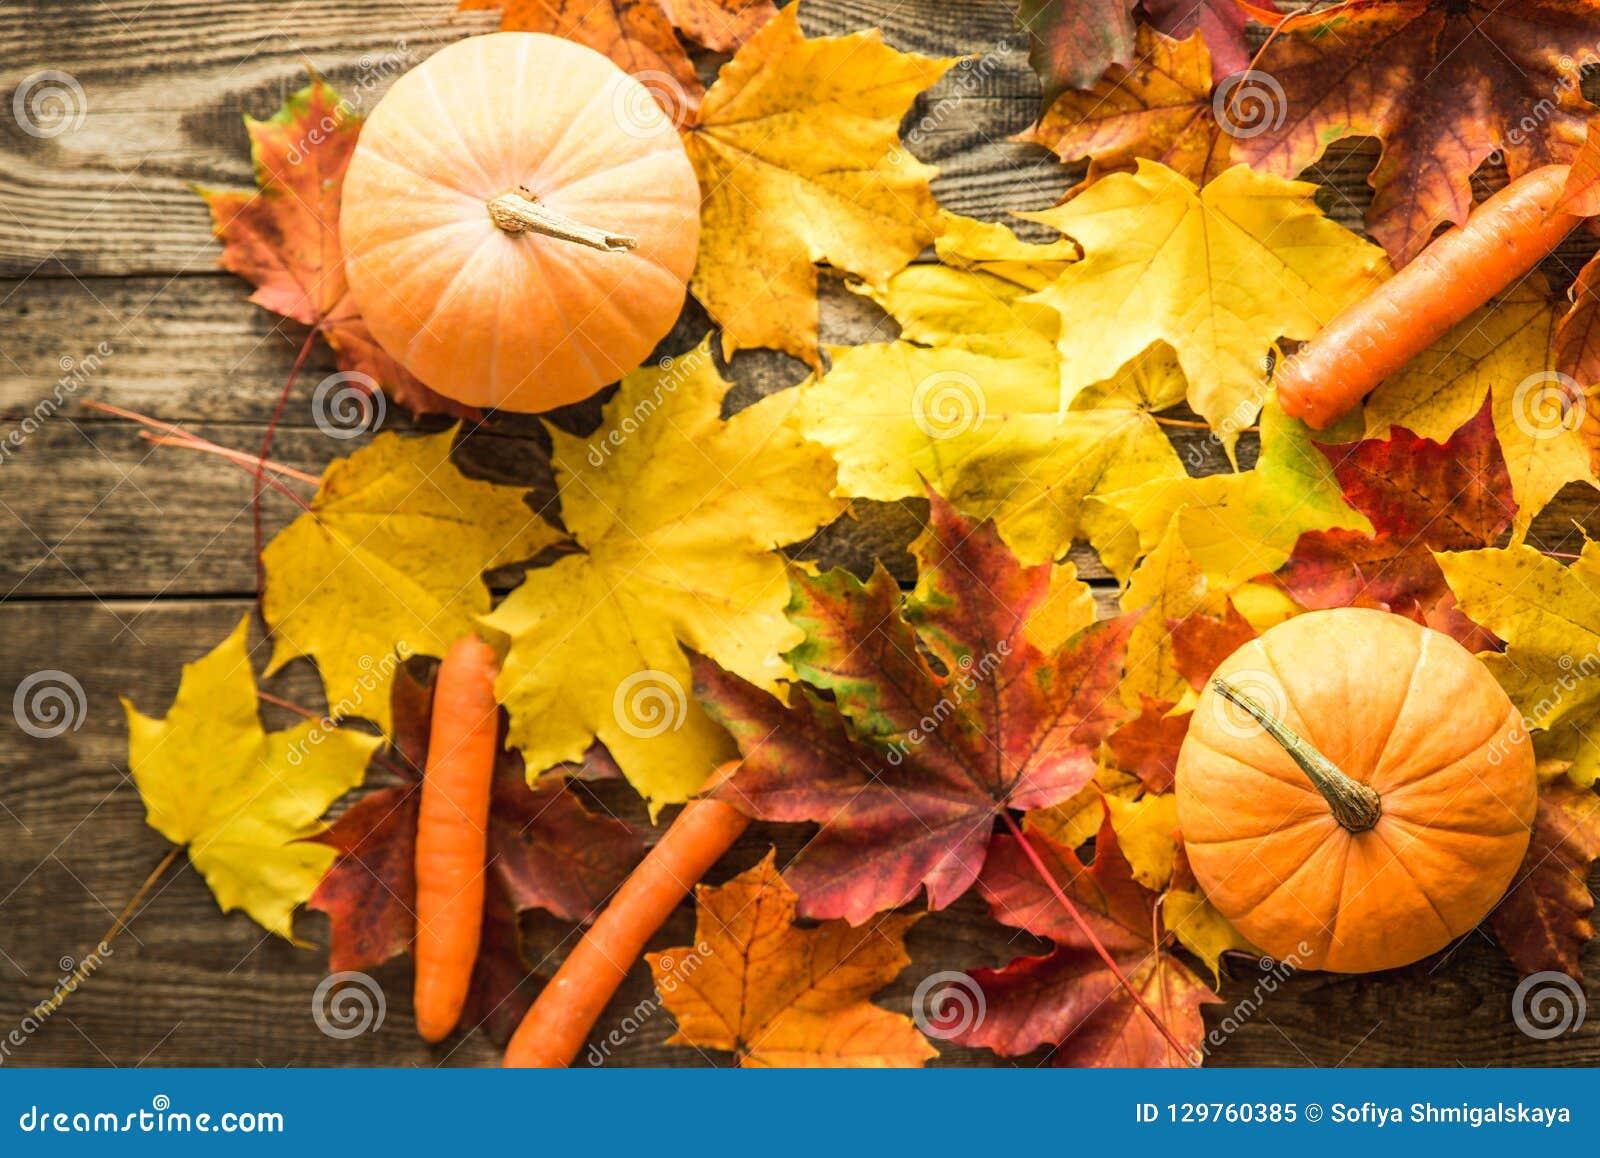 Potirons et carottes oranges avec l automne sur le fond en bois